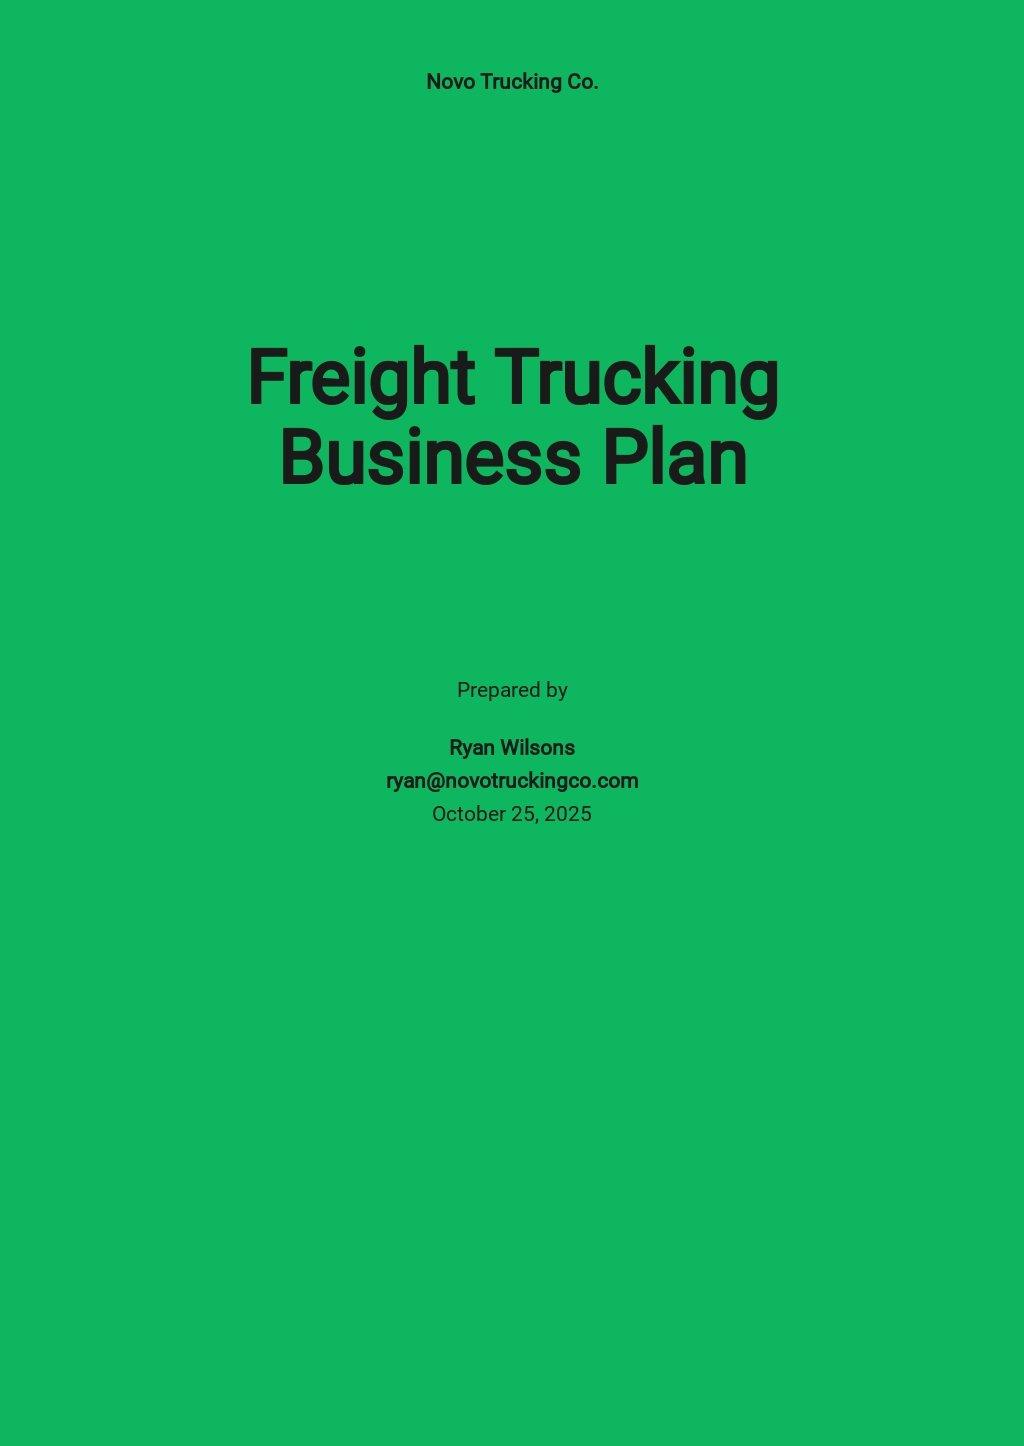 Freight Trucking Business Plan Template